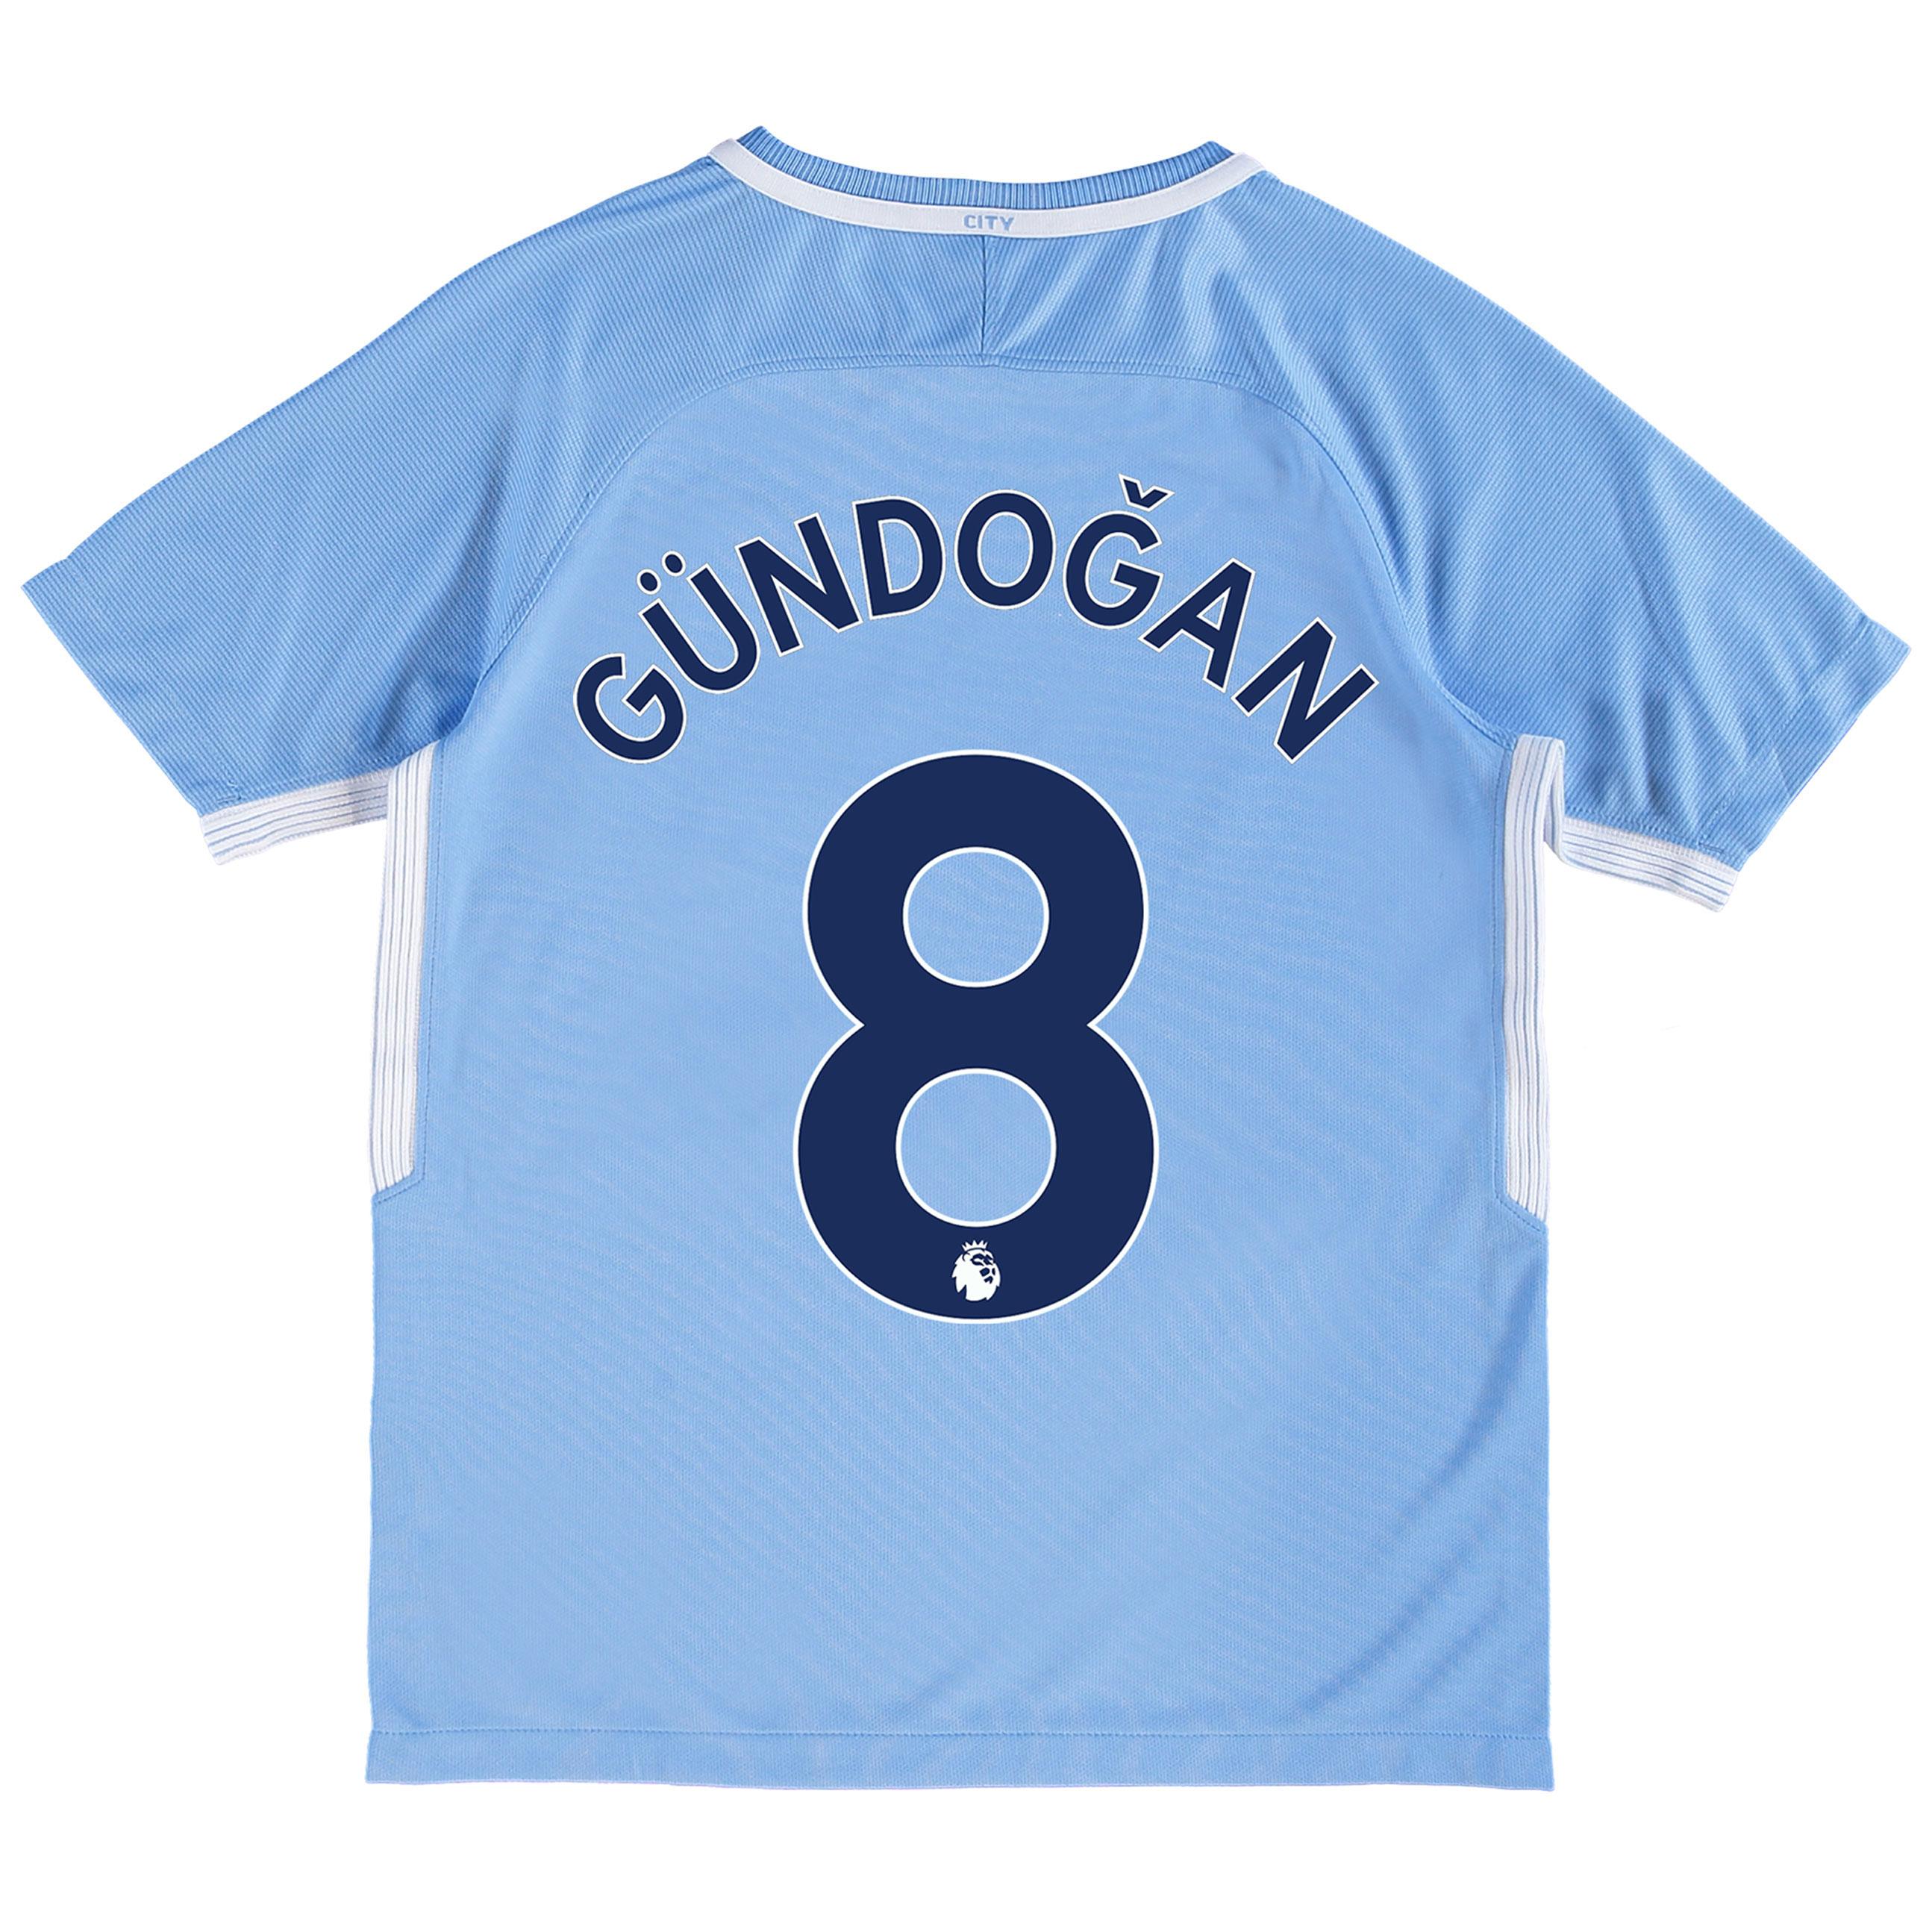 Manchester City Home Stadium Shirt 2017-18 - Kids with G??ndogan 8 prin